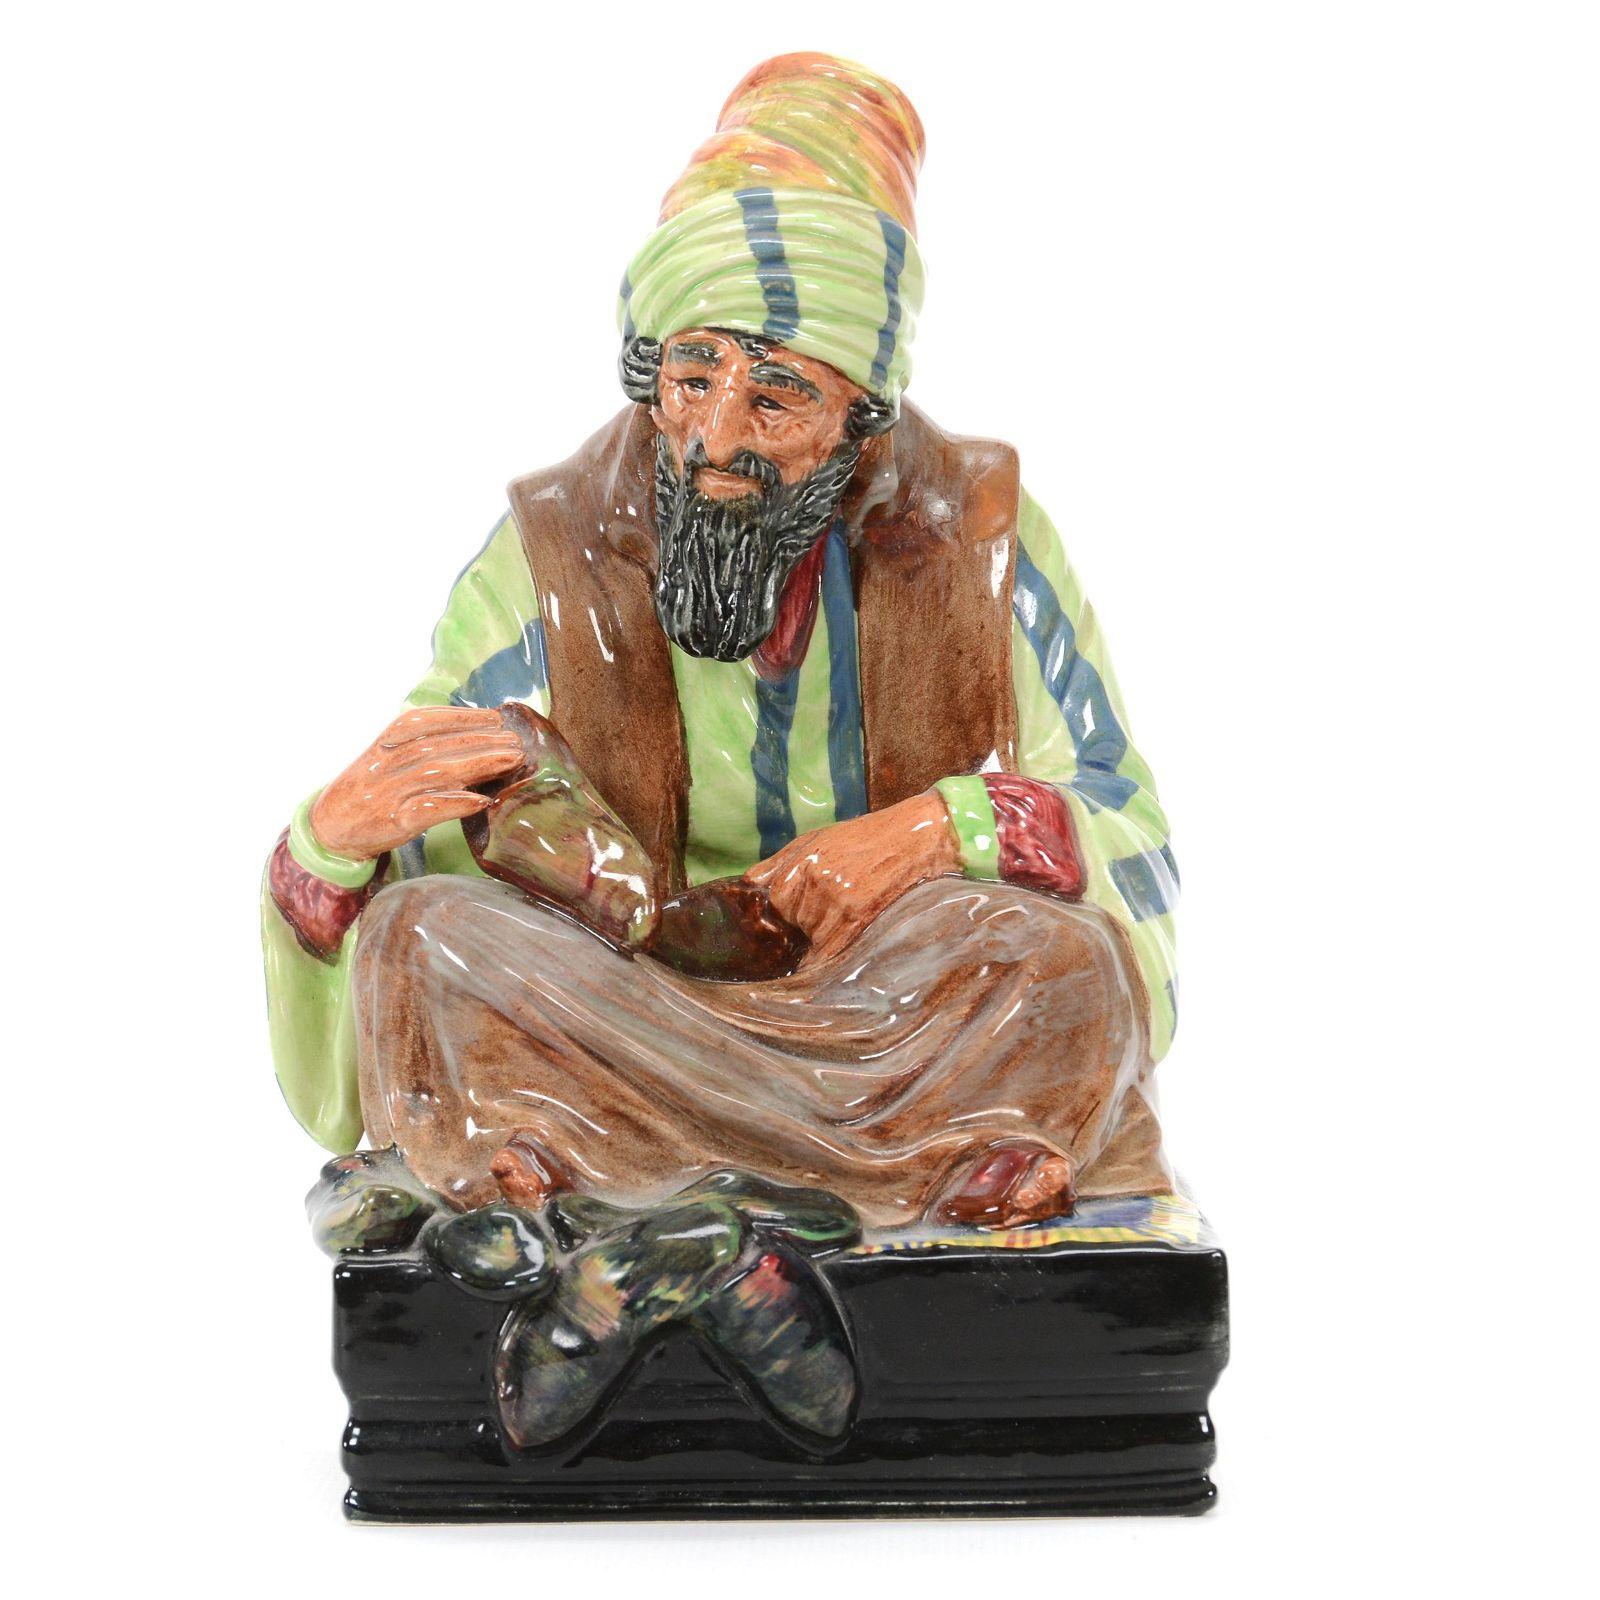 Royal Doulton Figurine Titled Cobbler, HN1706